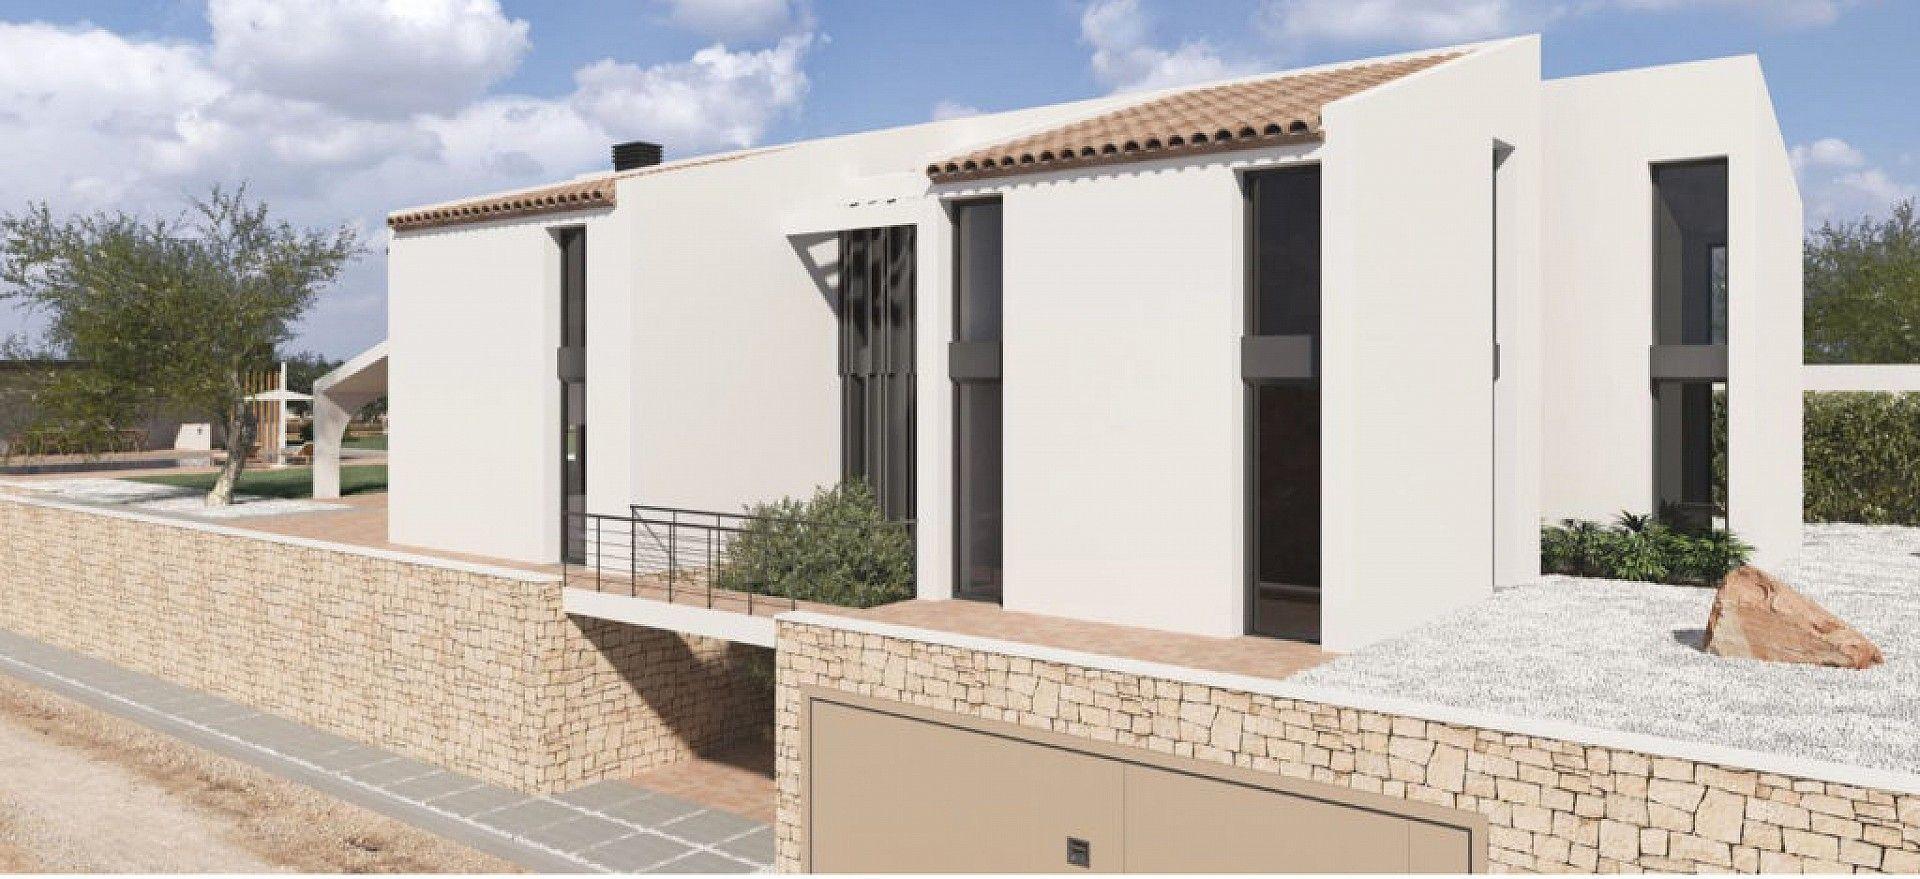 w_te-koop-huis-project-moraira-teulada-costa-blanca-nf2028-016-3.jpg